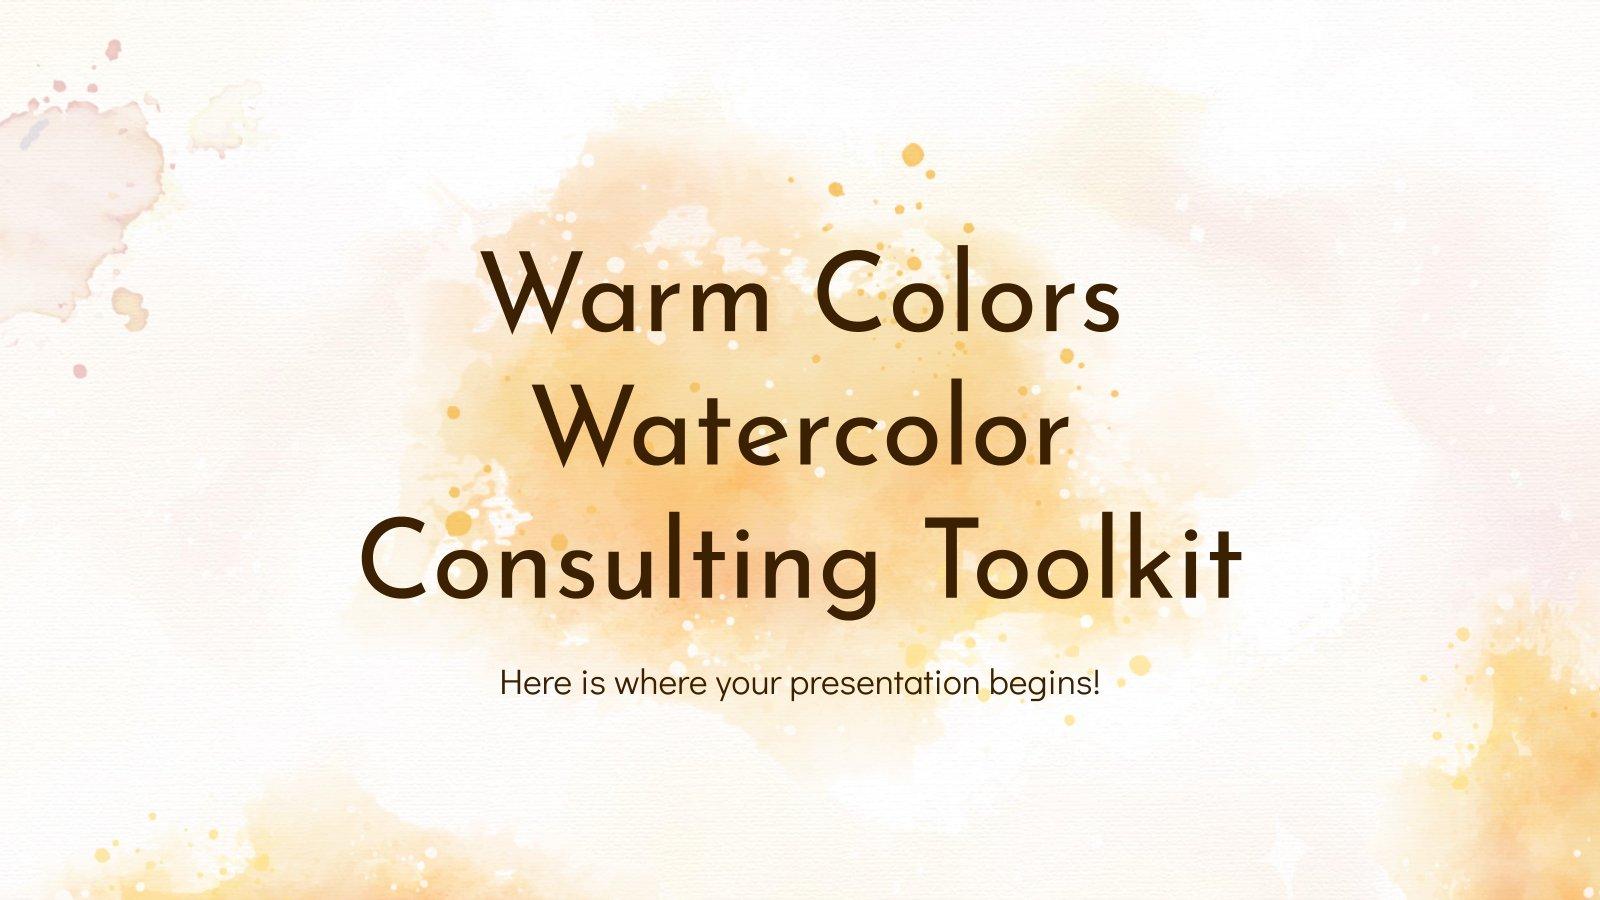 Plantilla de presentación Herramientas de consultoría con acuarelas y colores cálidos